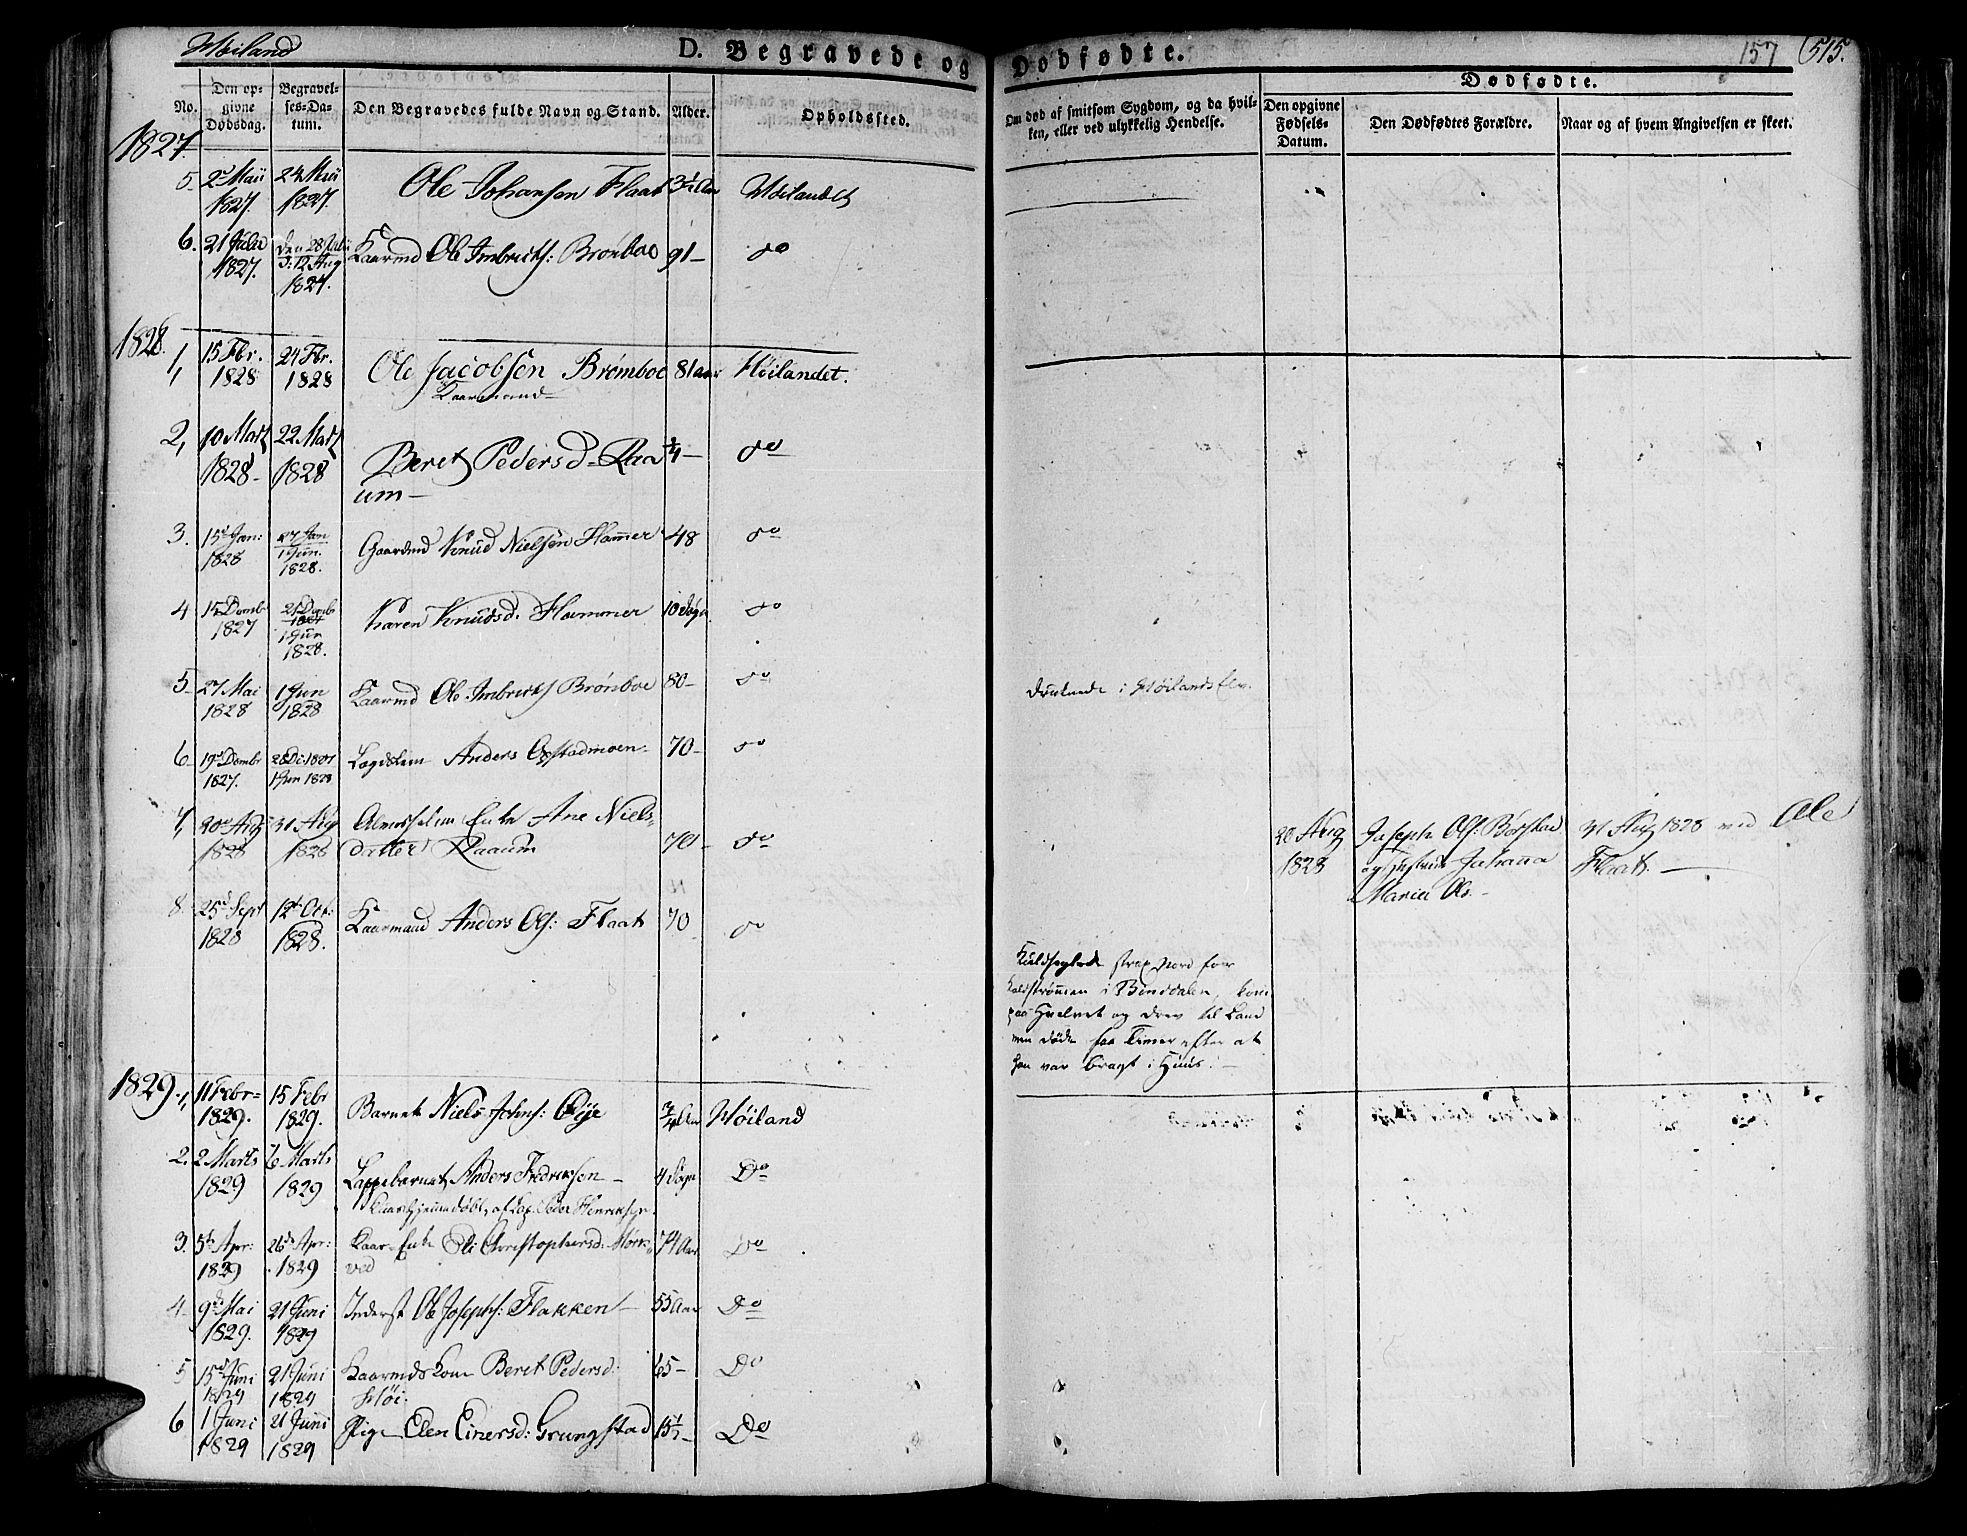 SAT, Ministerialprotokoller, klokkerbøker og fødselsregistre - Nord-Trøndelag, 758/L0510: Ministerialbok nr. 758A01 /2, 1821-1841, s. 157